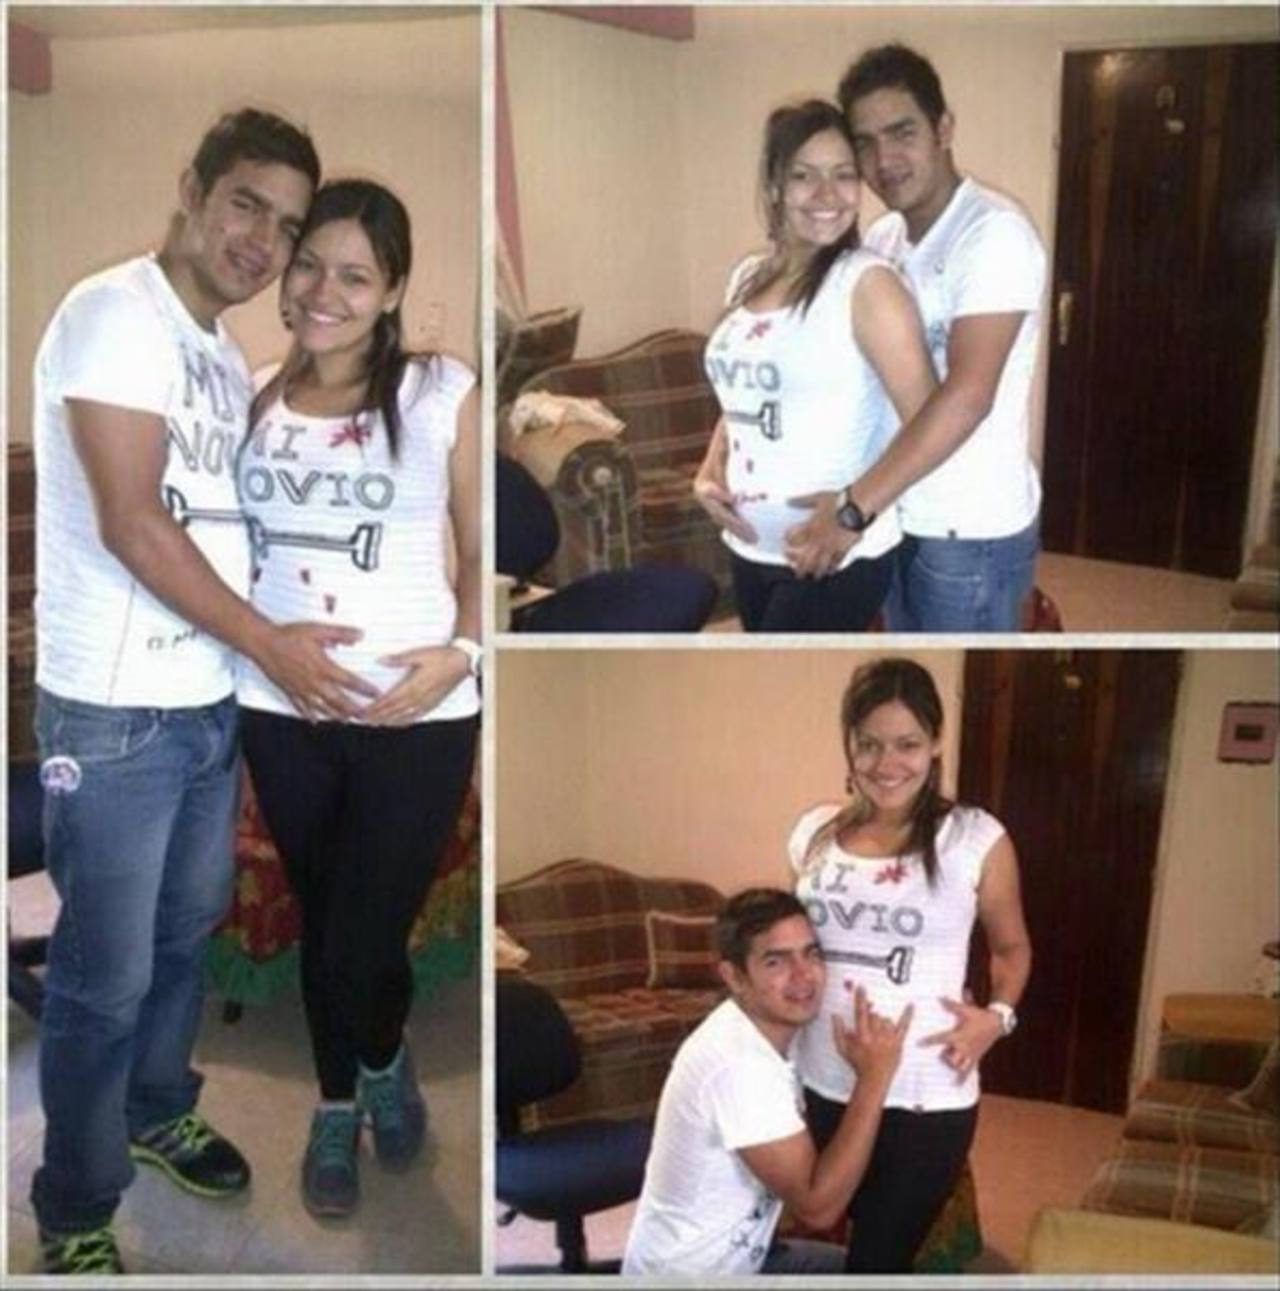 Mujer embarazada fallecida durante las protestas en Venezuela luce feliz en redes sociales su embarazo. Foto EDH/ twitter